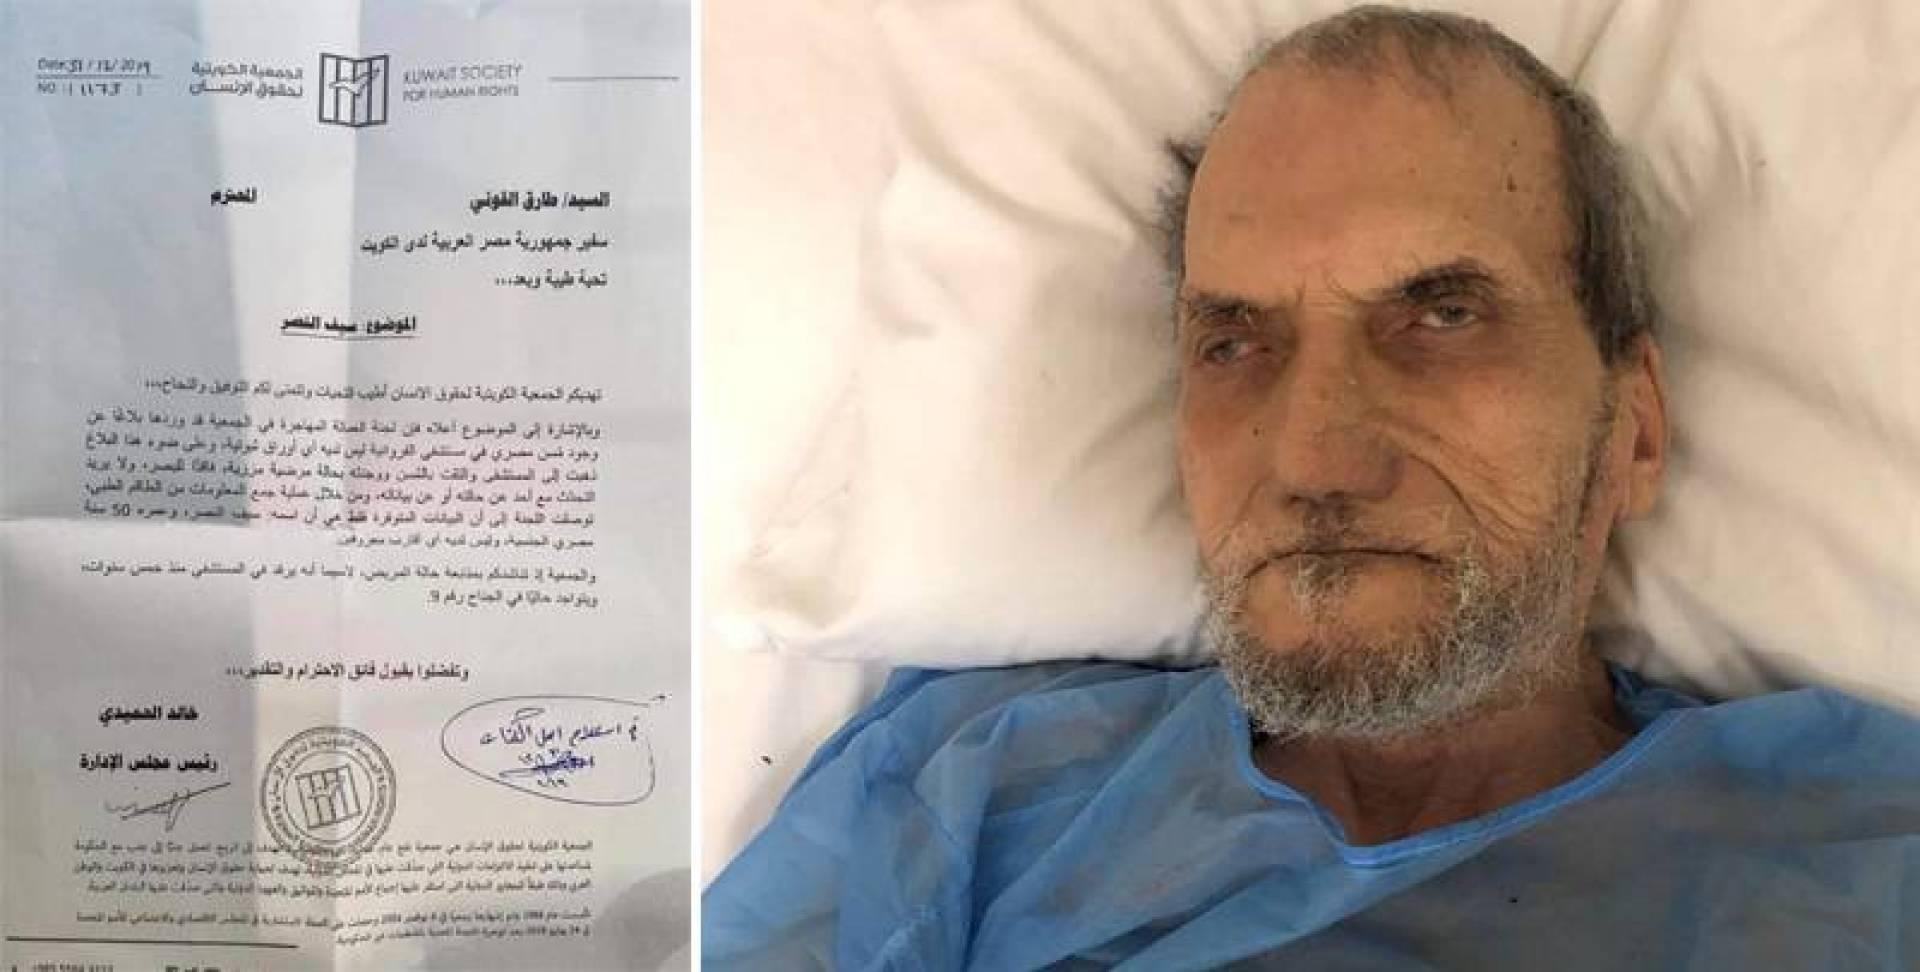 «الهجرة» تصدر بياناً بشأن مصري مُسن يرقد بمستشفى الفروانية